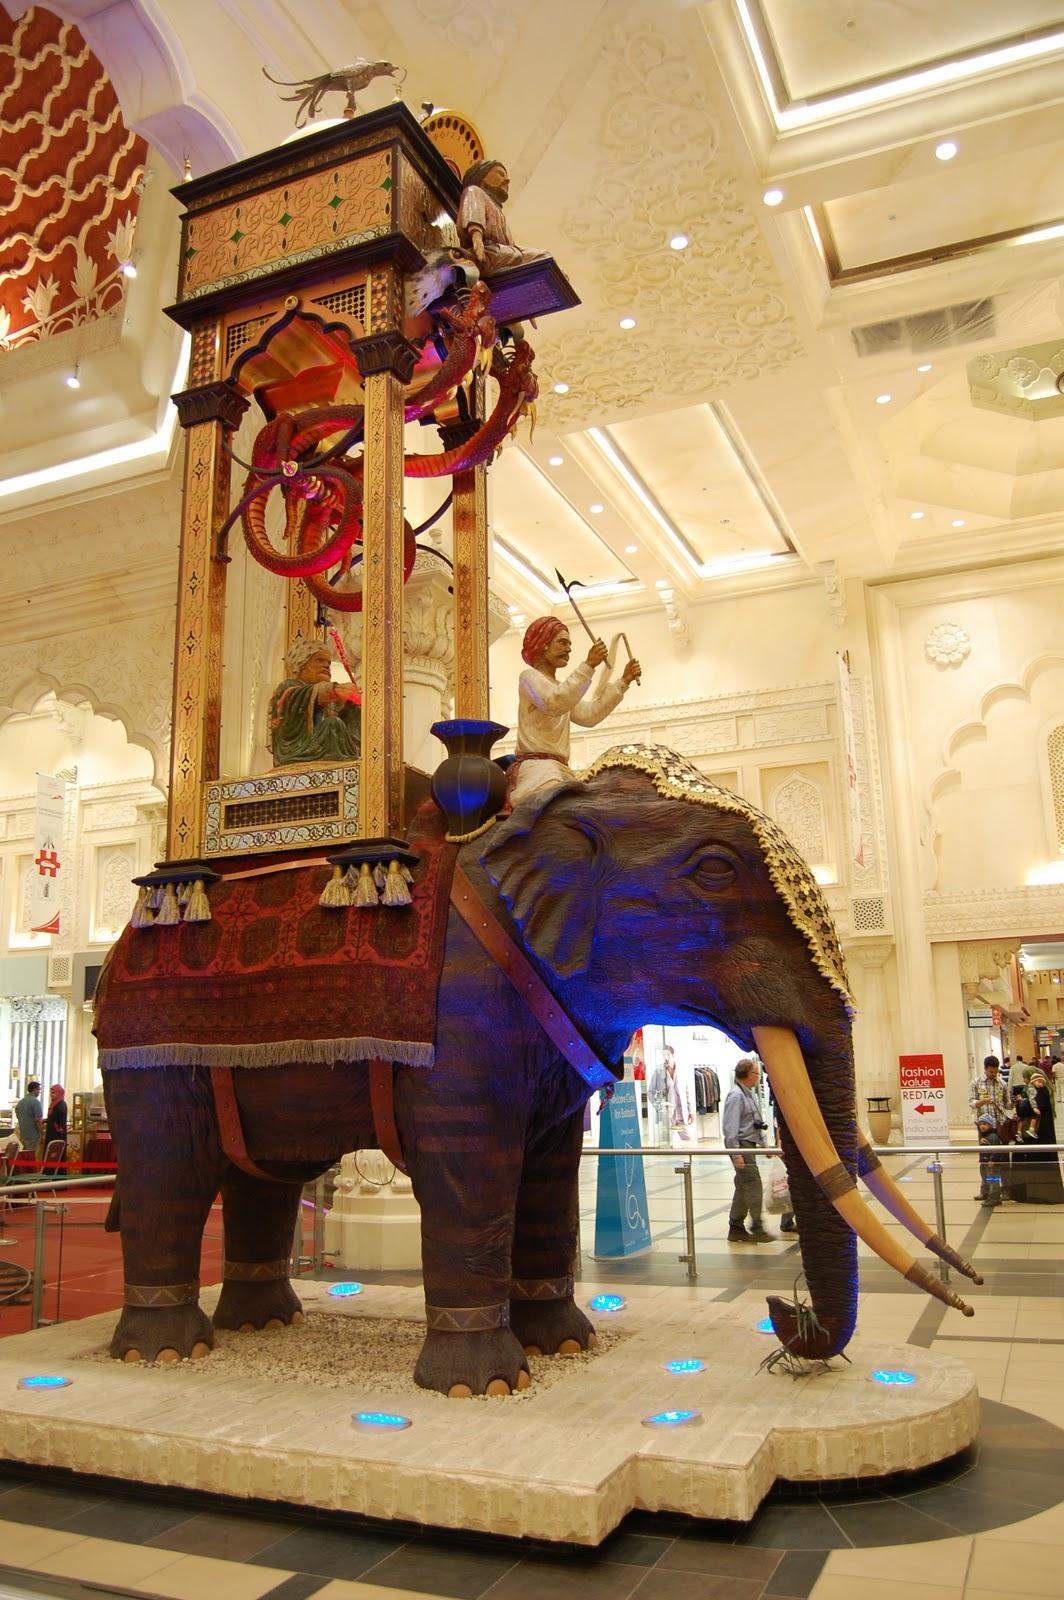 Ibn battuta mall video